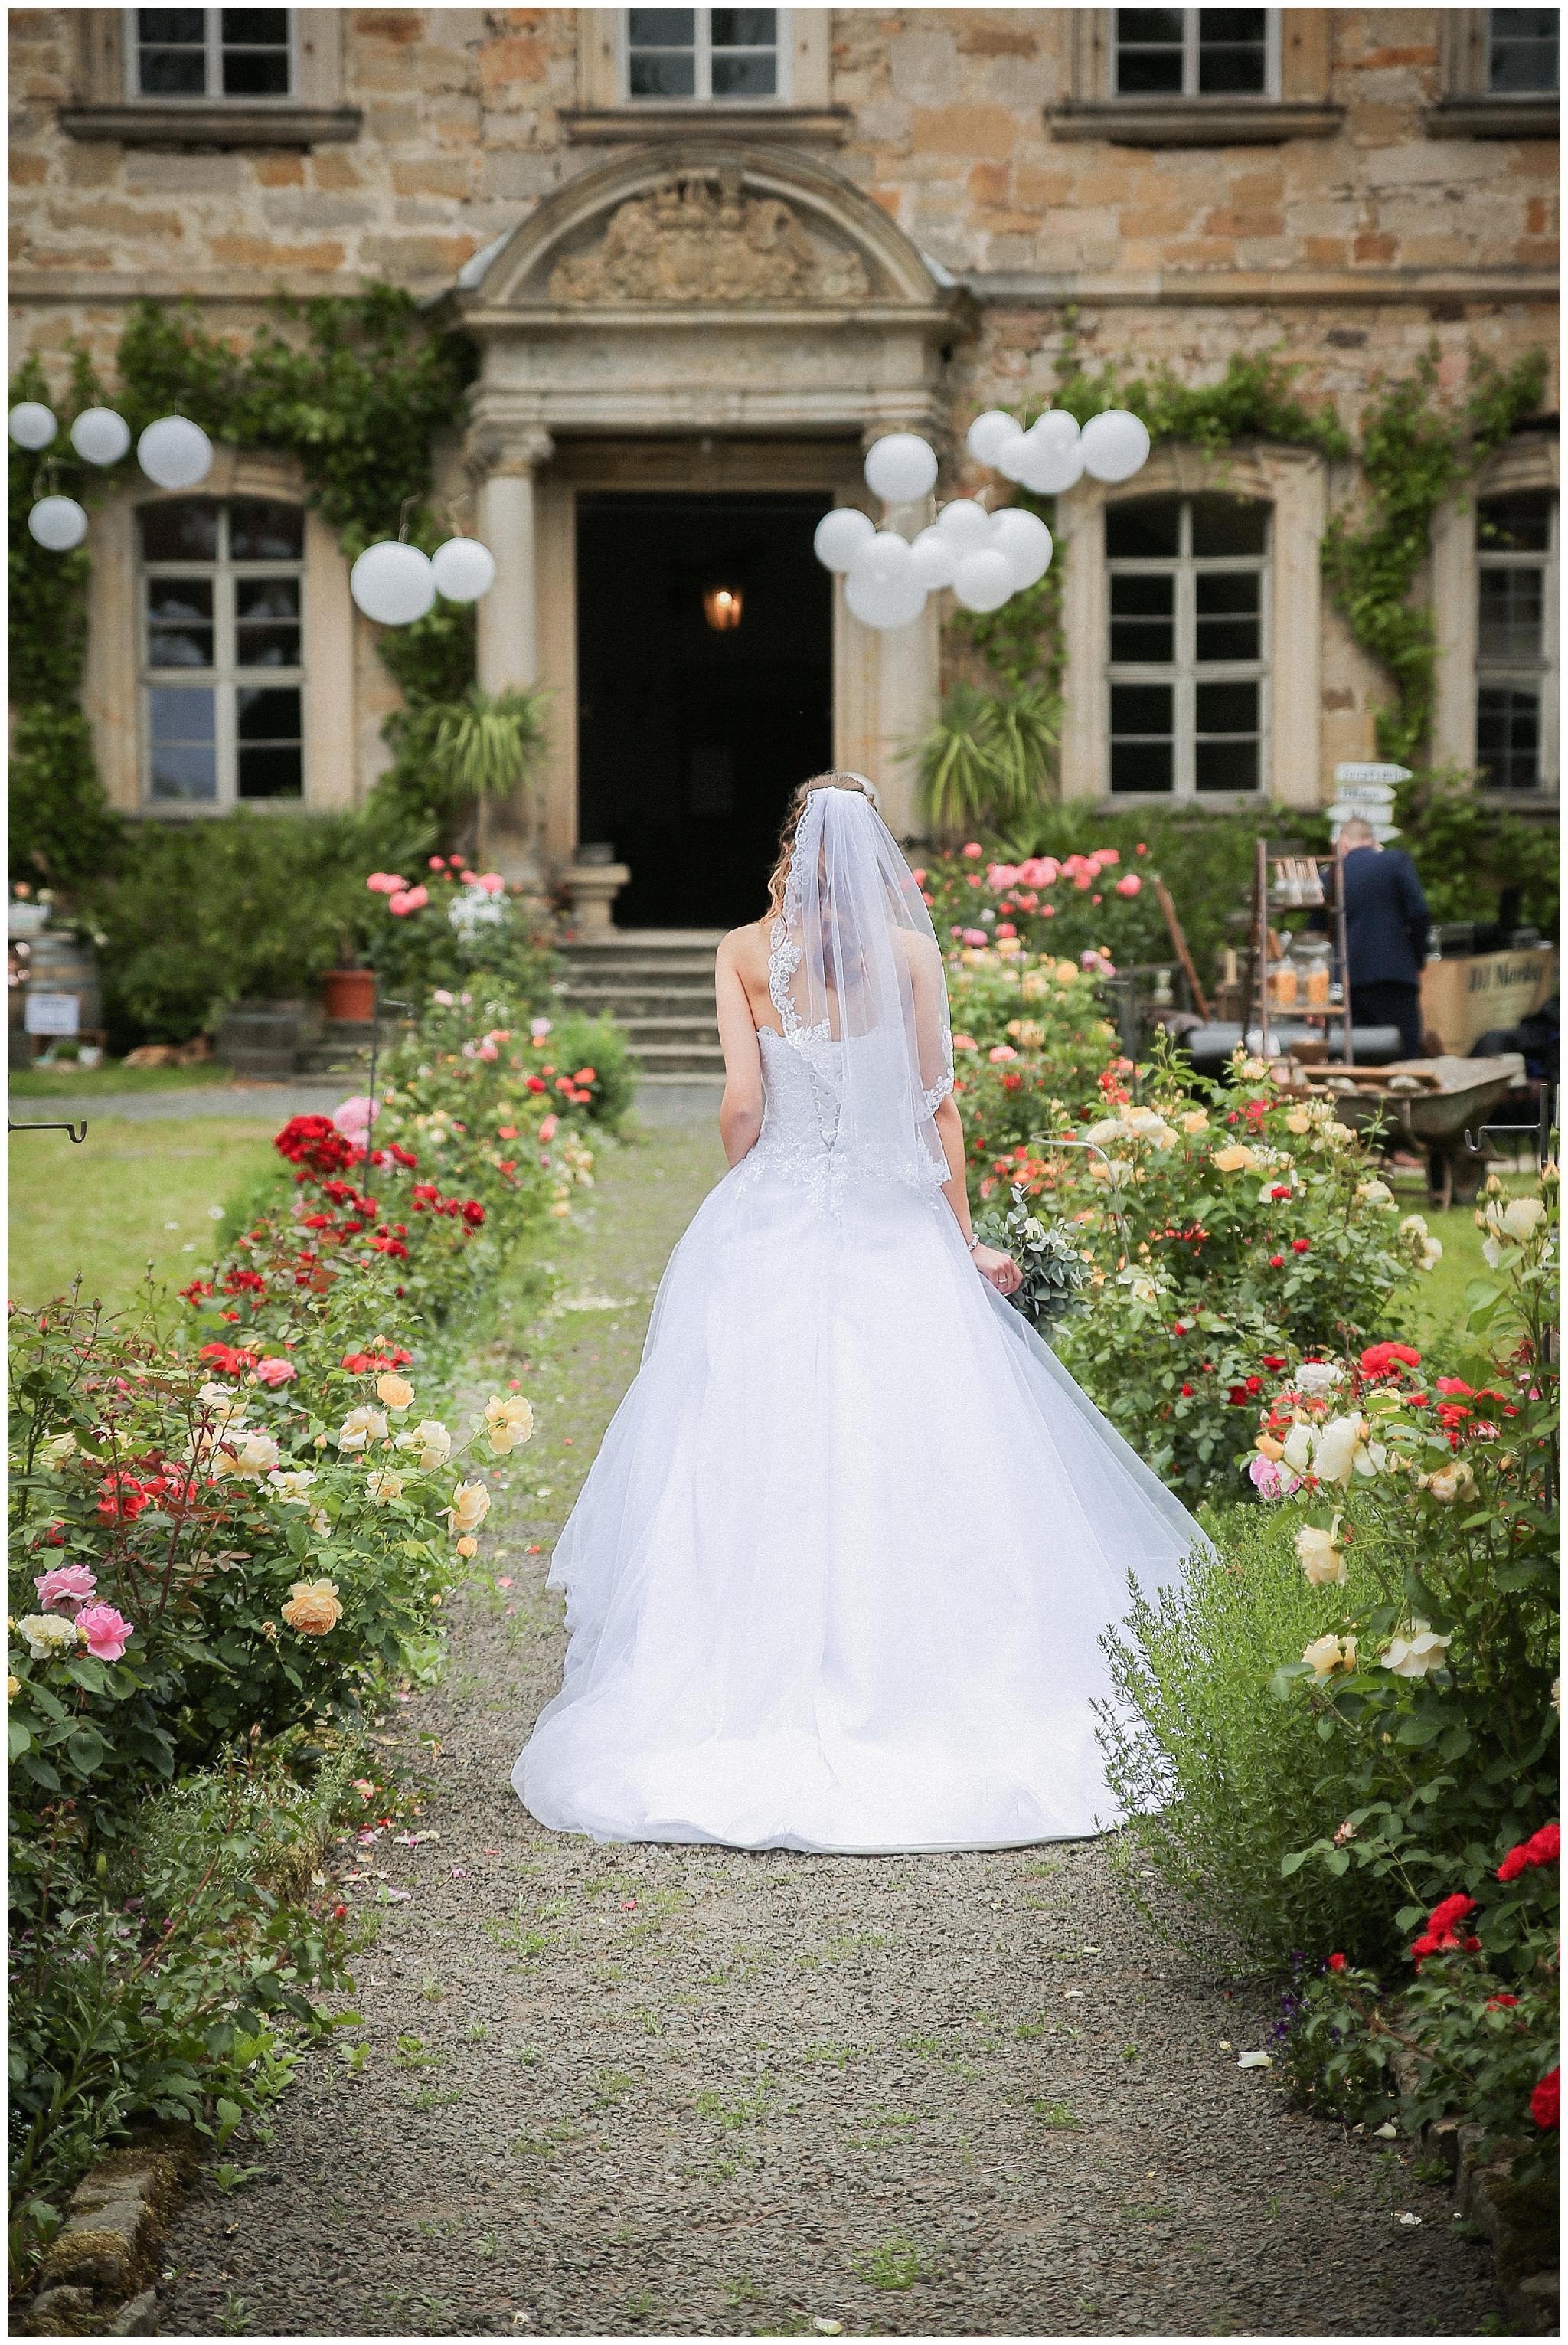 Hochzeit_Menninger_dieLICHTBUILDER_58.jpg